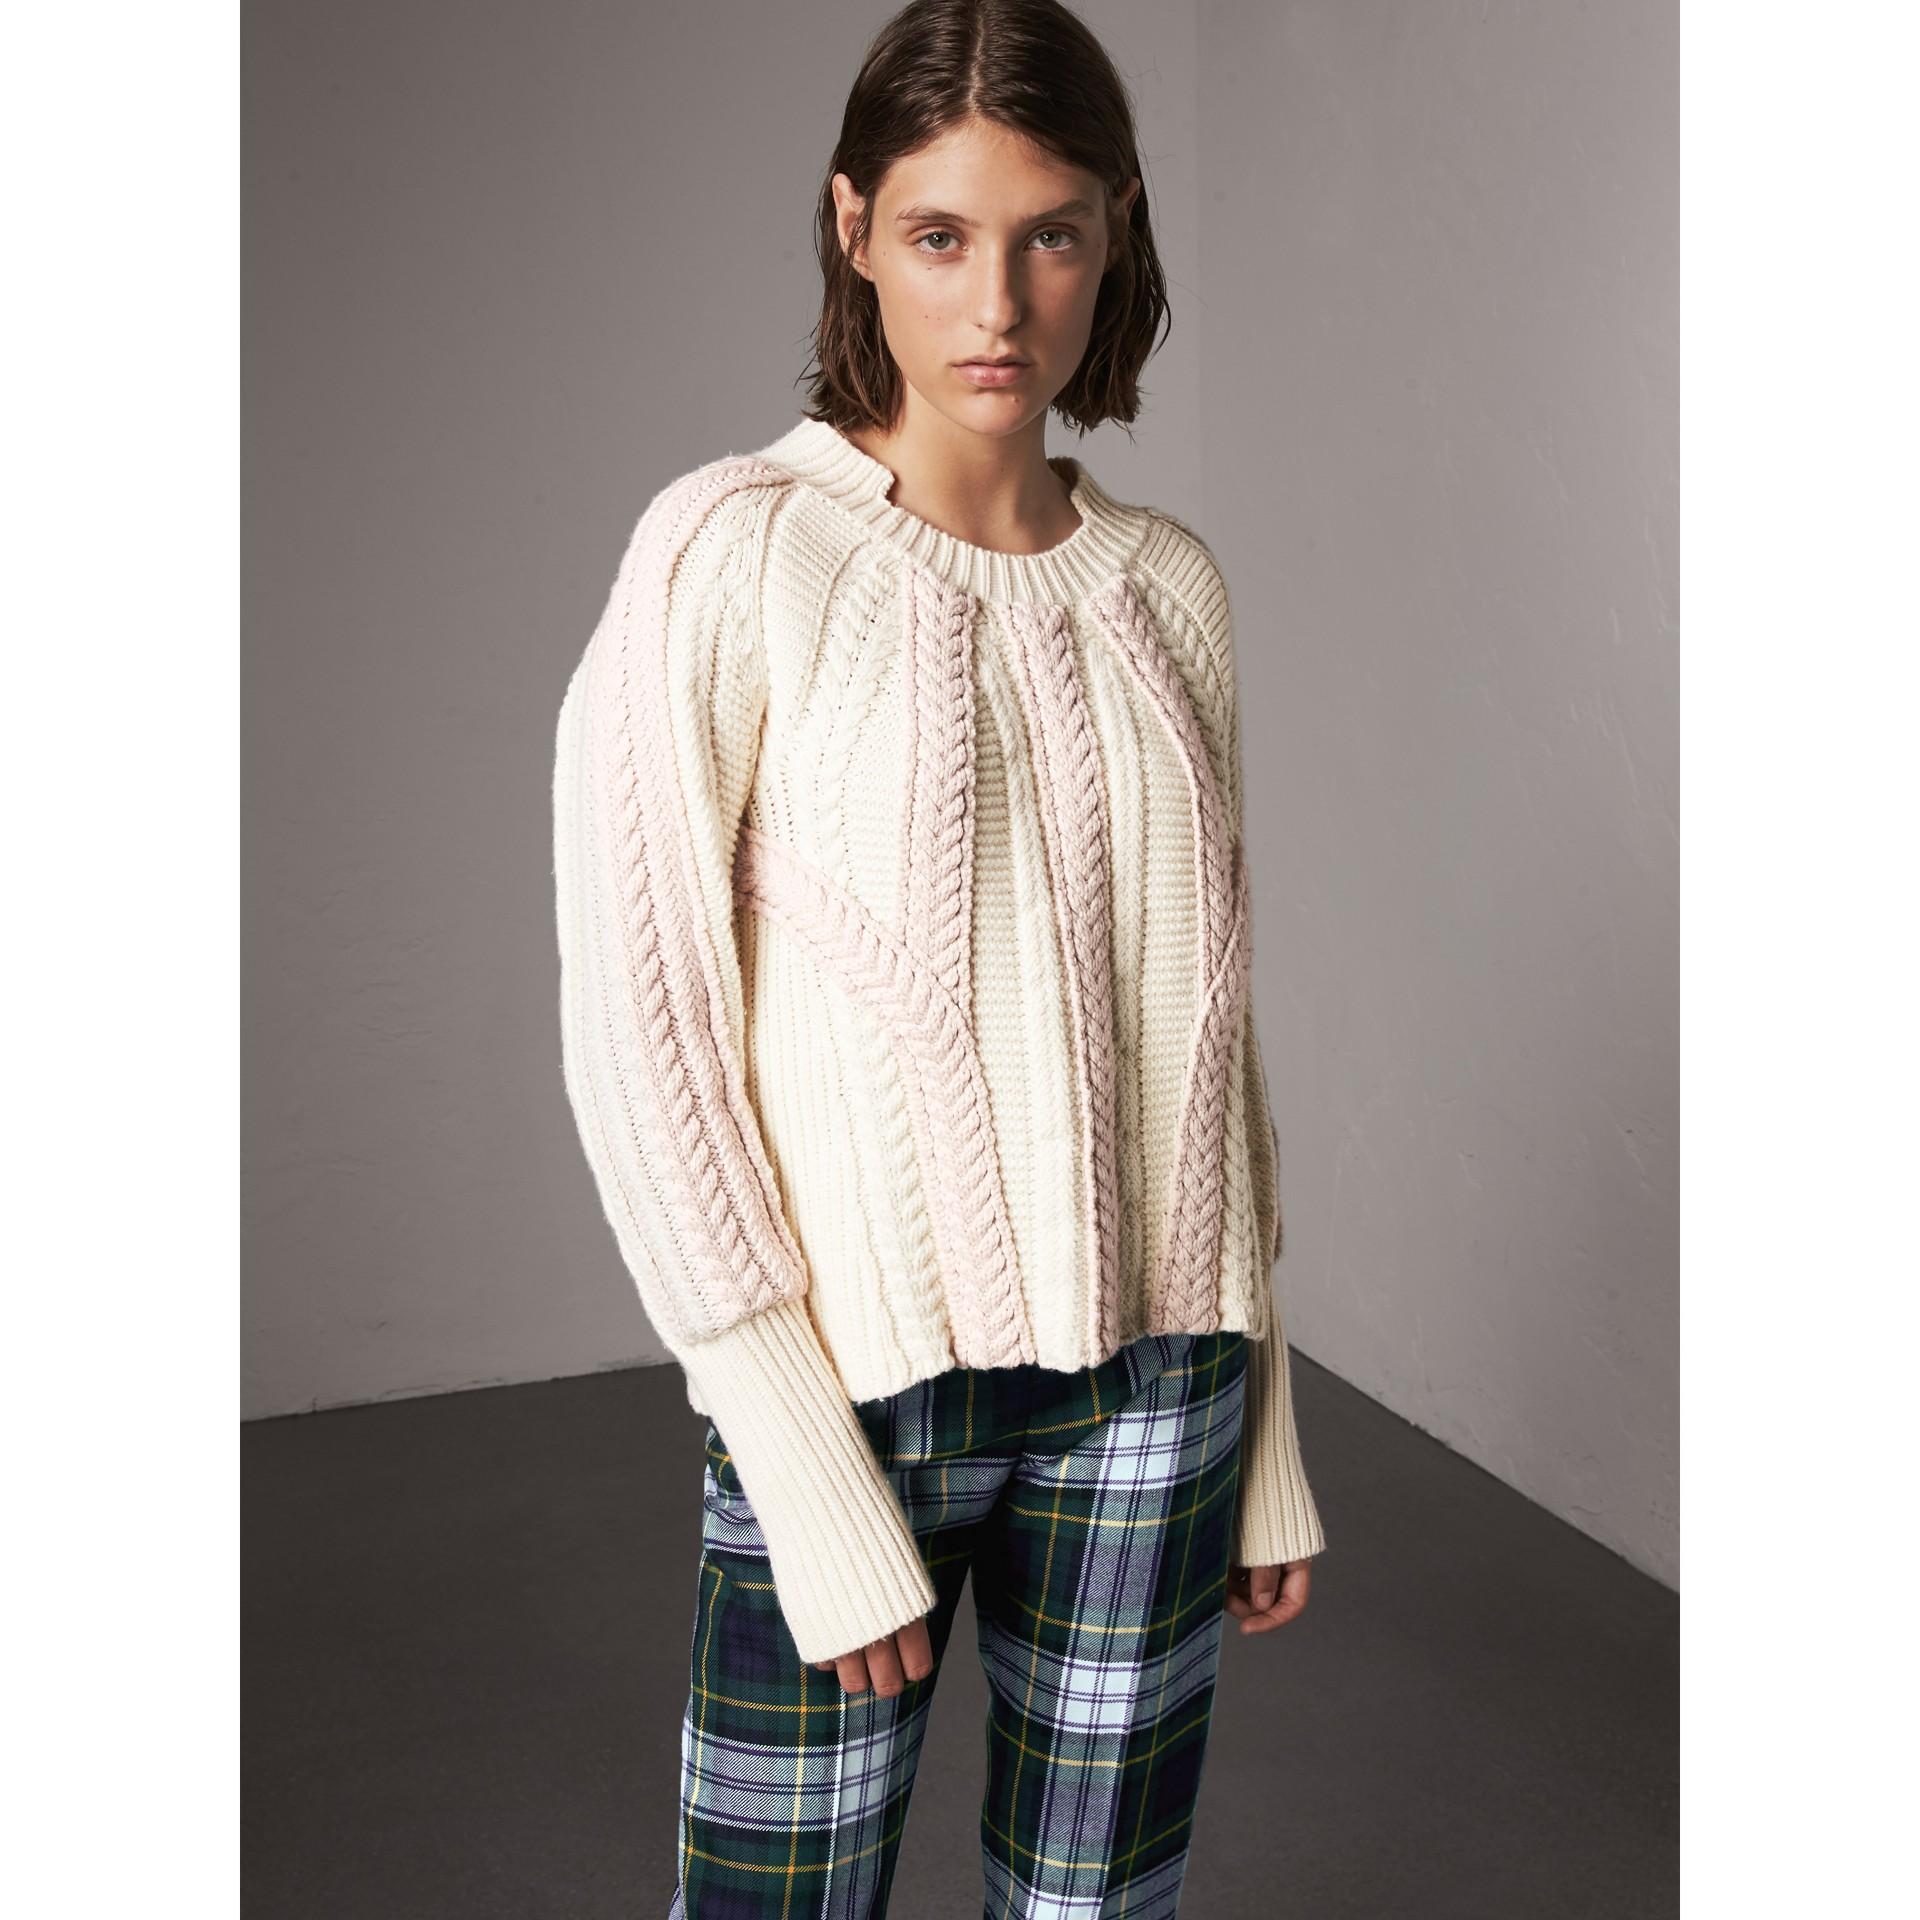 Pullover aus Wolle und Kaschmir in Zweitonoptik mit Zopfmuster (Naturweiss) - Damen | Burberry - Galerie-Bild 5